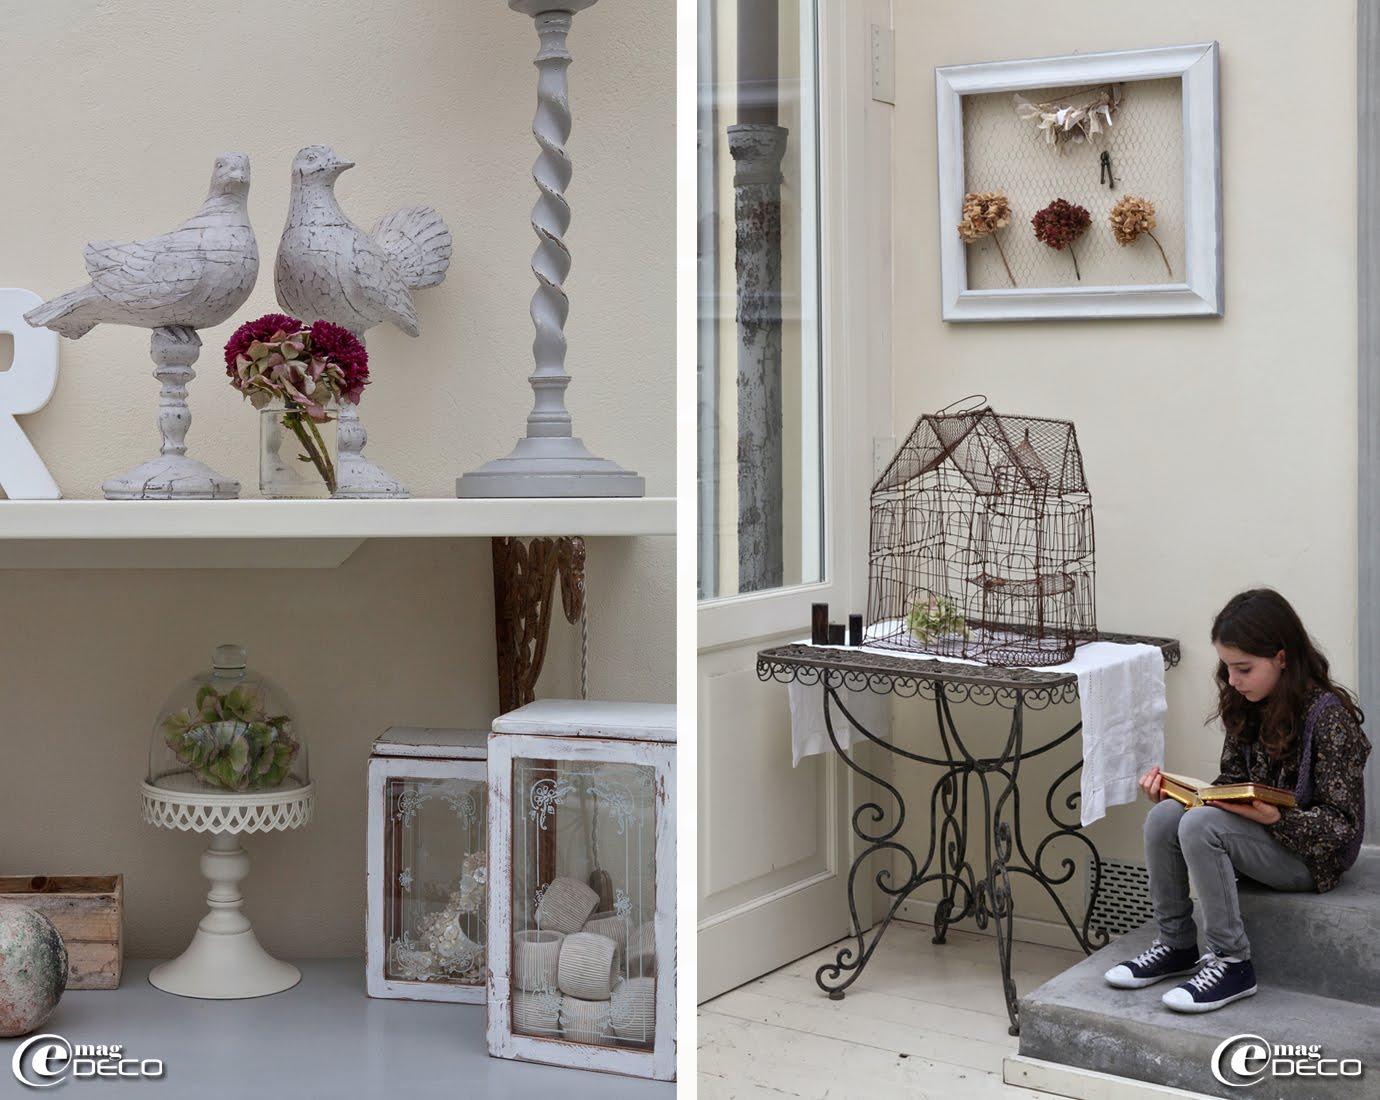 Dans la véranda de la maison d'hôtes 'Valdirose', en Toscane, des colombes en bois patiné 'Country Corner', une cage en fil de fer 'Chehoma'